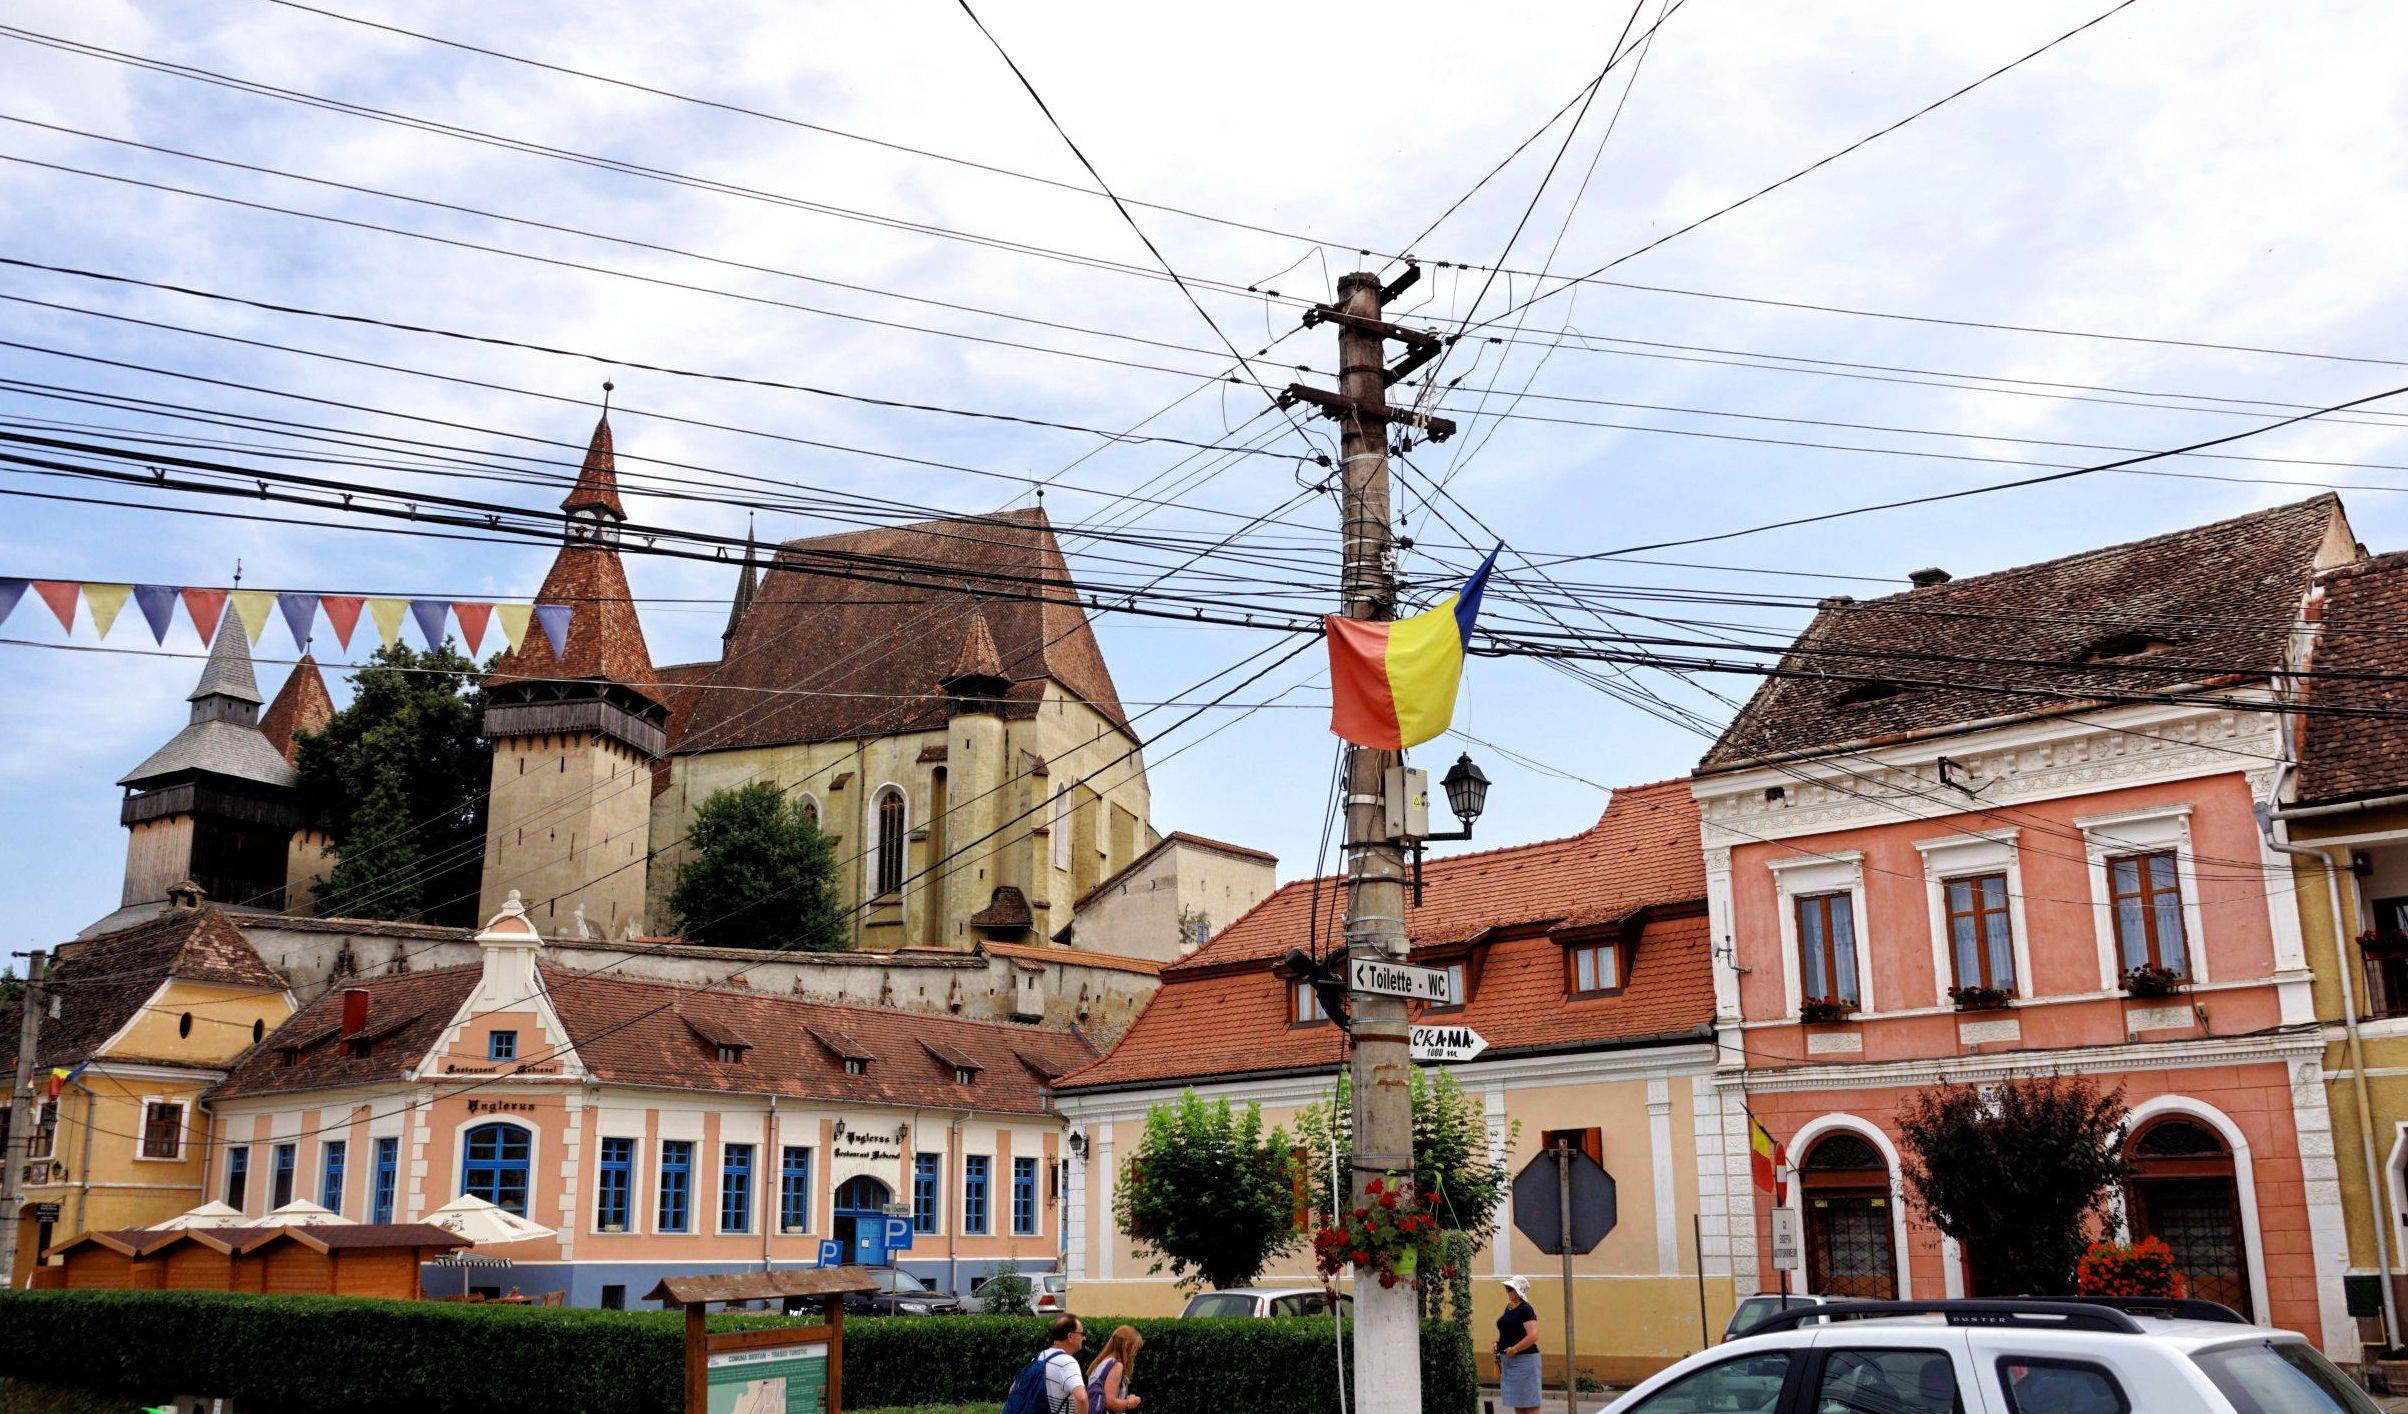 Serce Biertanu - centralny placyk wsi